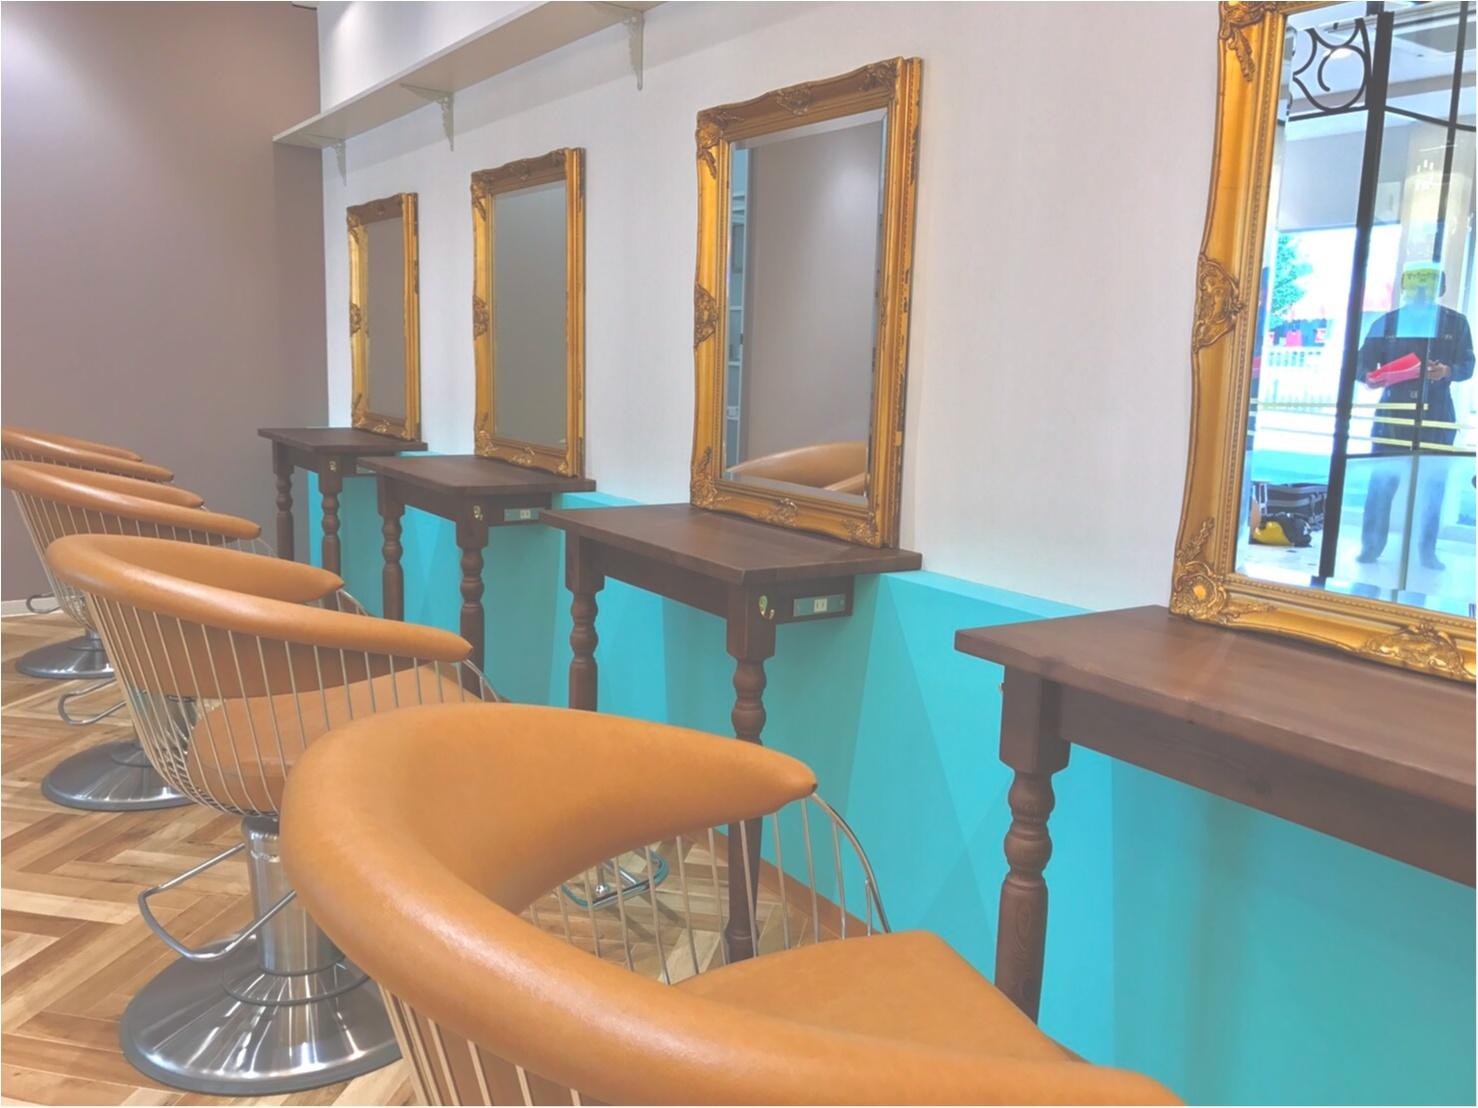 【ヘアサロン】New Open!パリの家をイメージしたお洒落な美容室へ行ってきました♡♡ お洒落なのにお手頃価格で〇〇〇ルームも完備?! _7